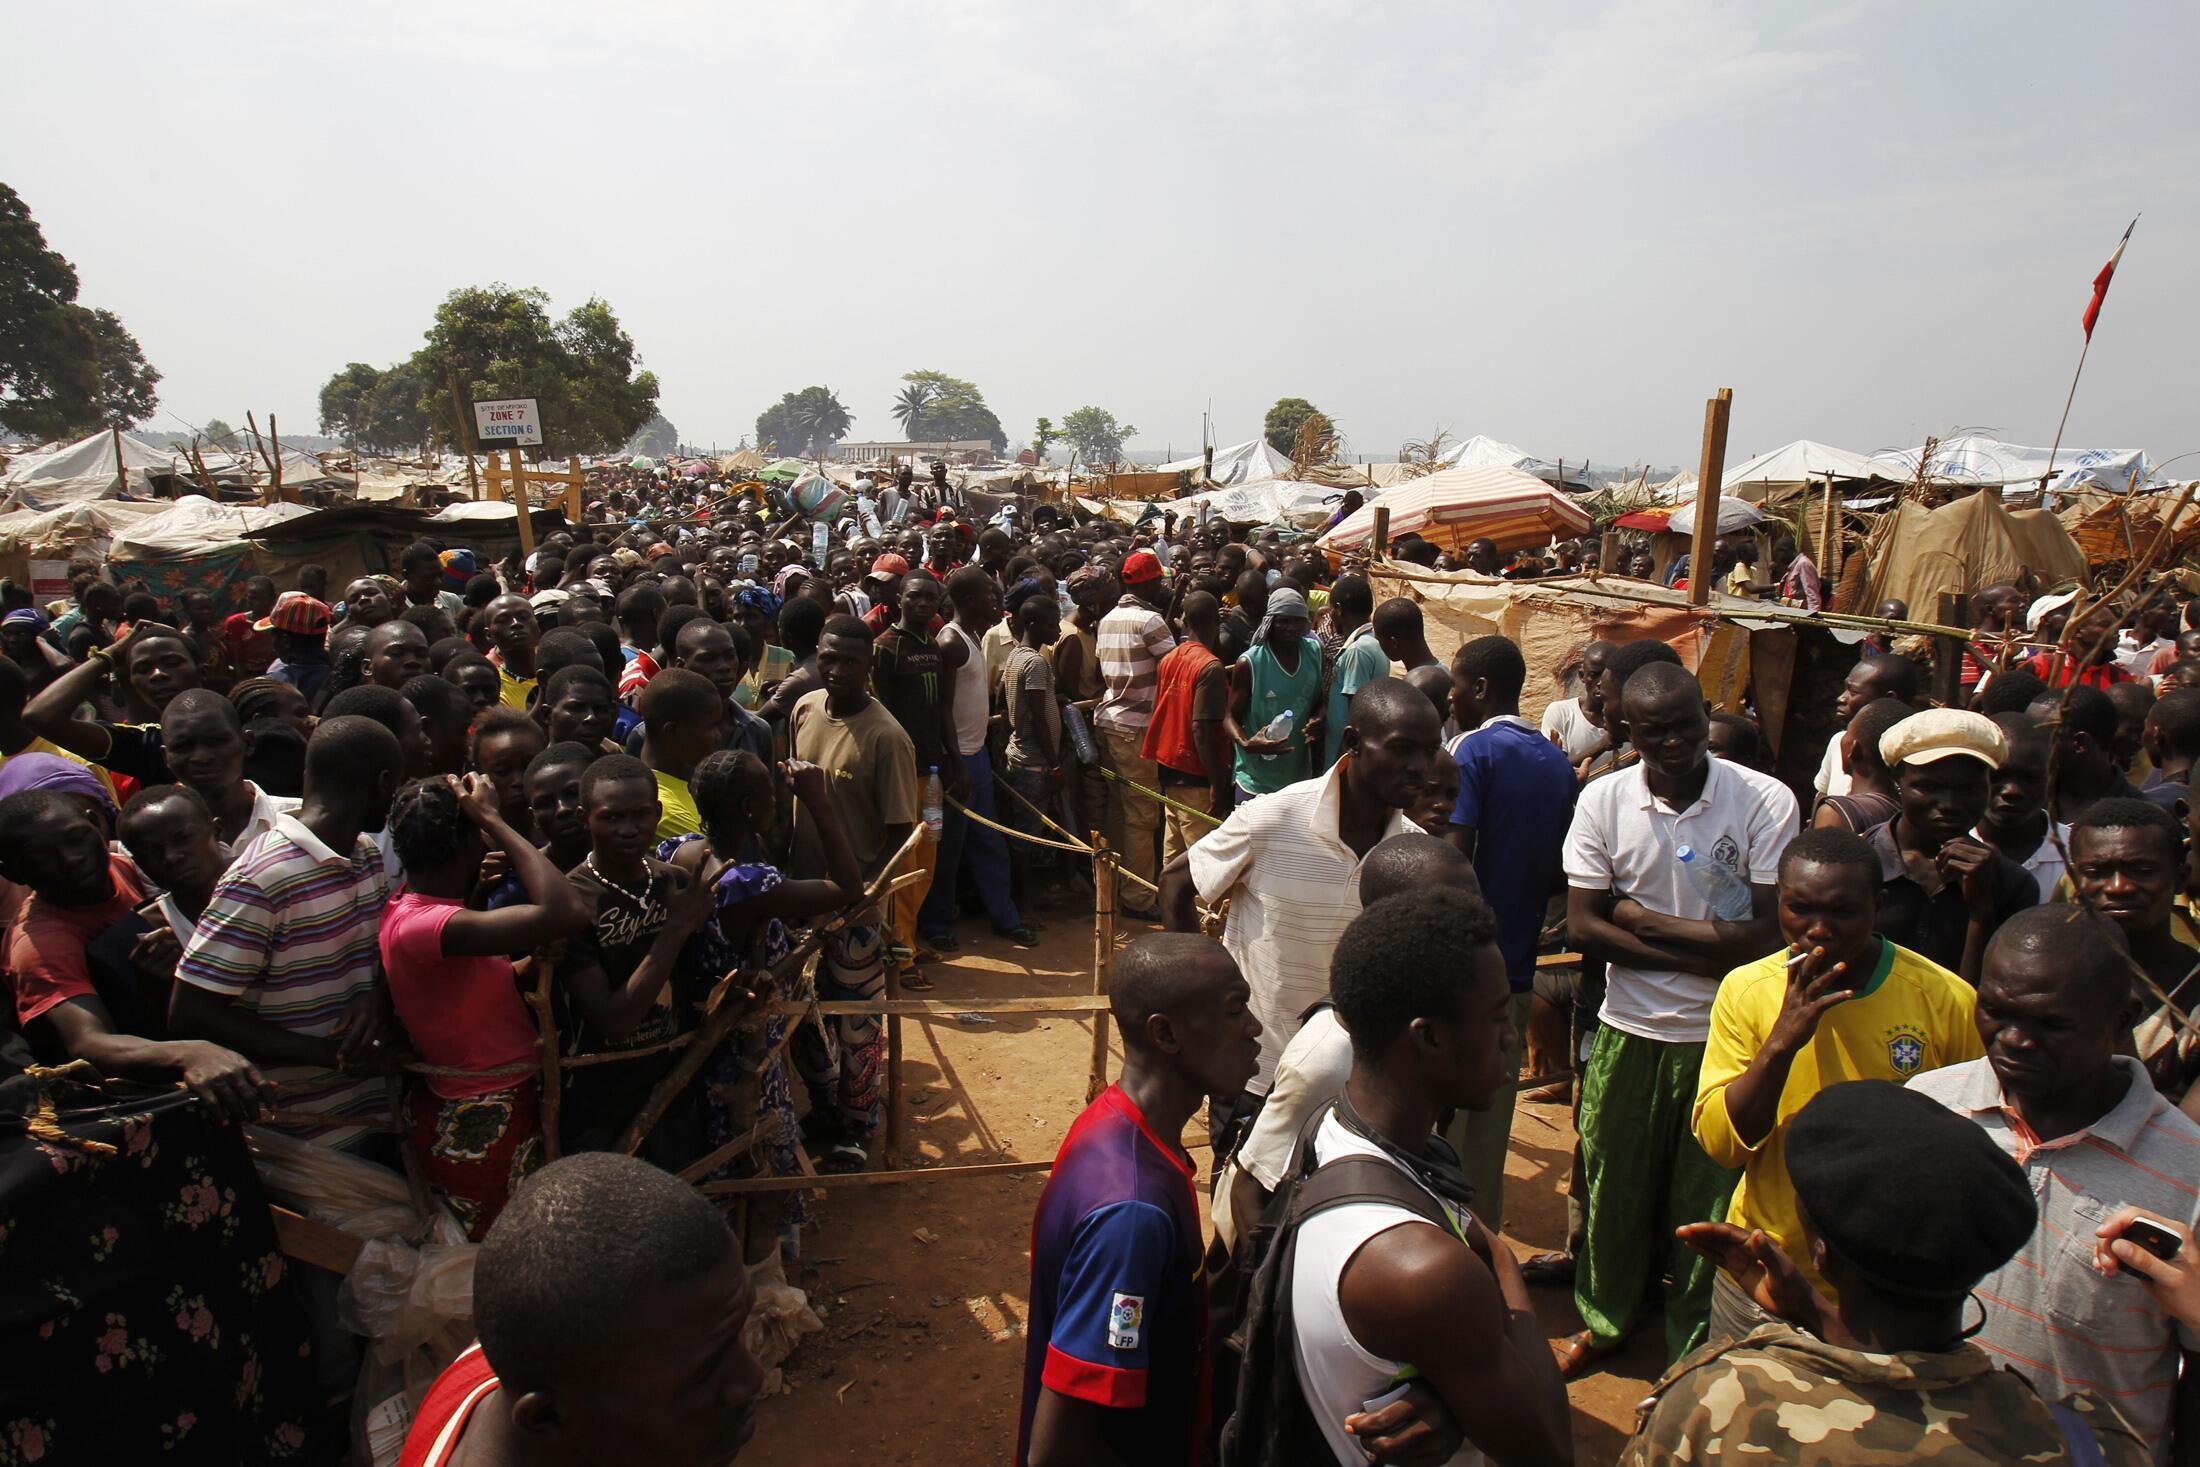 Des déplacés attendant de la nourriture dans un camp près de l'aéroport international Mpoko de Bangui, le 12 février 2014.